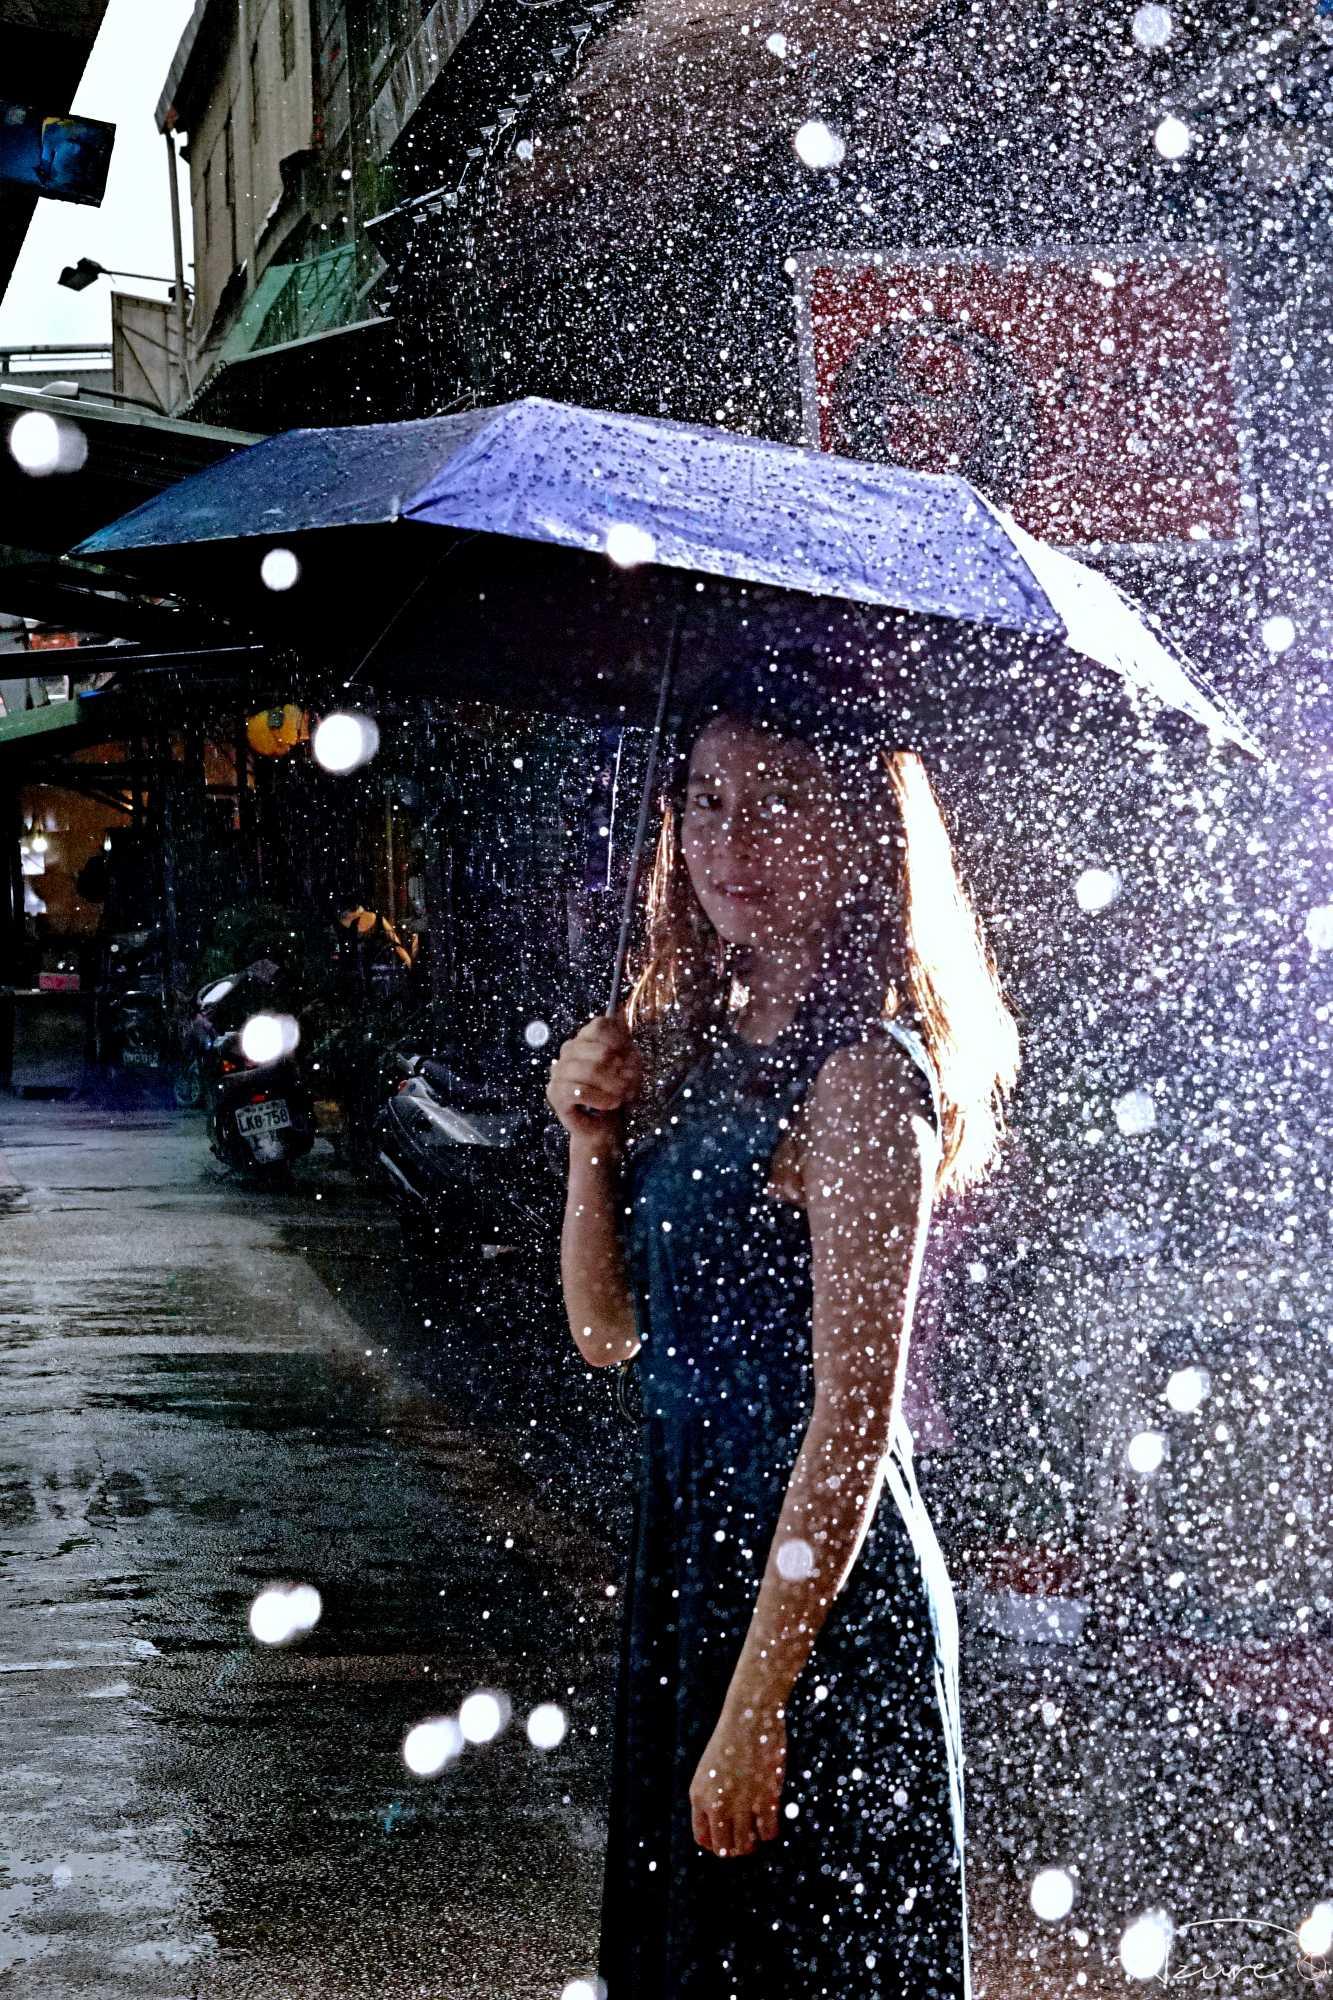 新富町市場 三水街 萬華景點 網美拍照打卡聖地